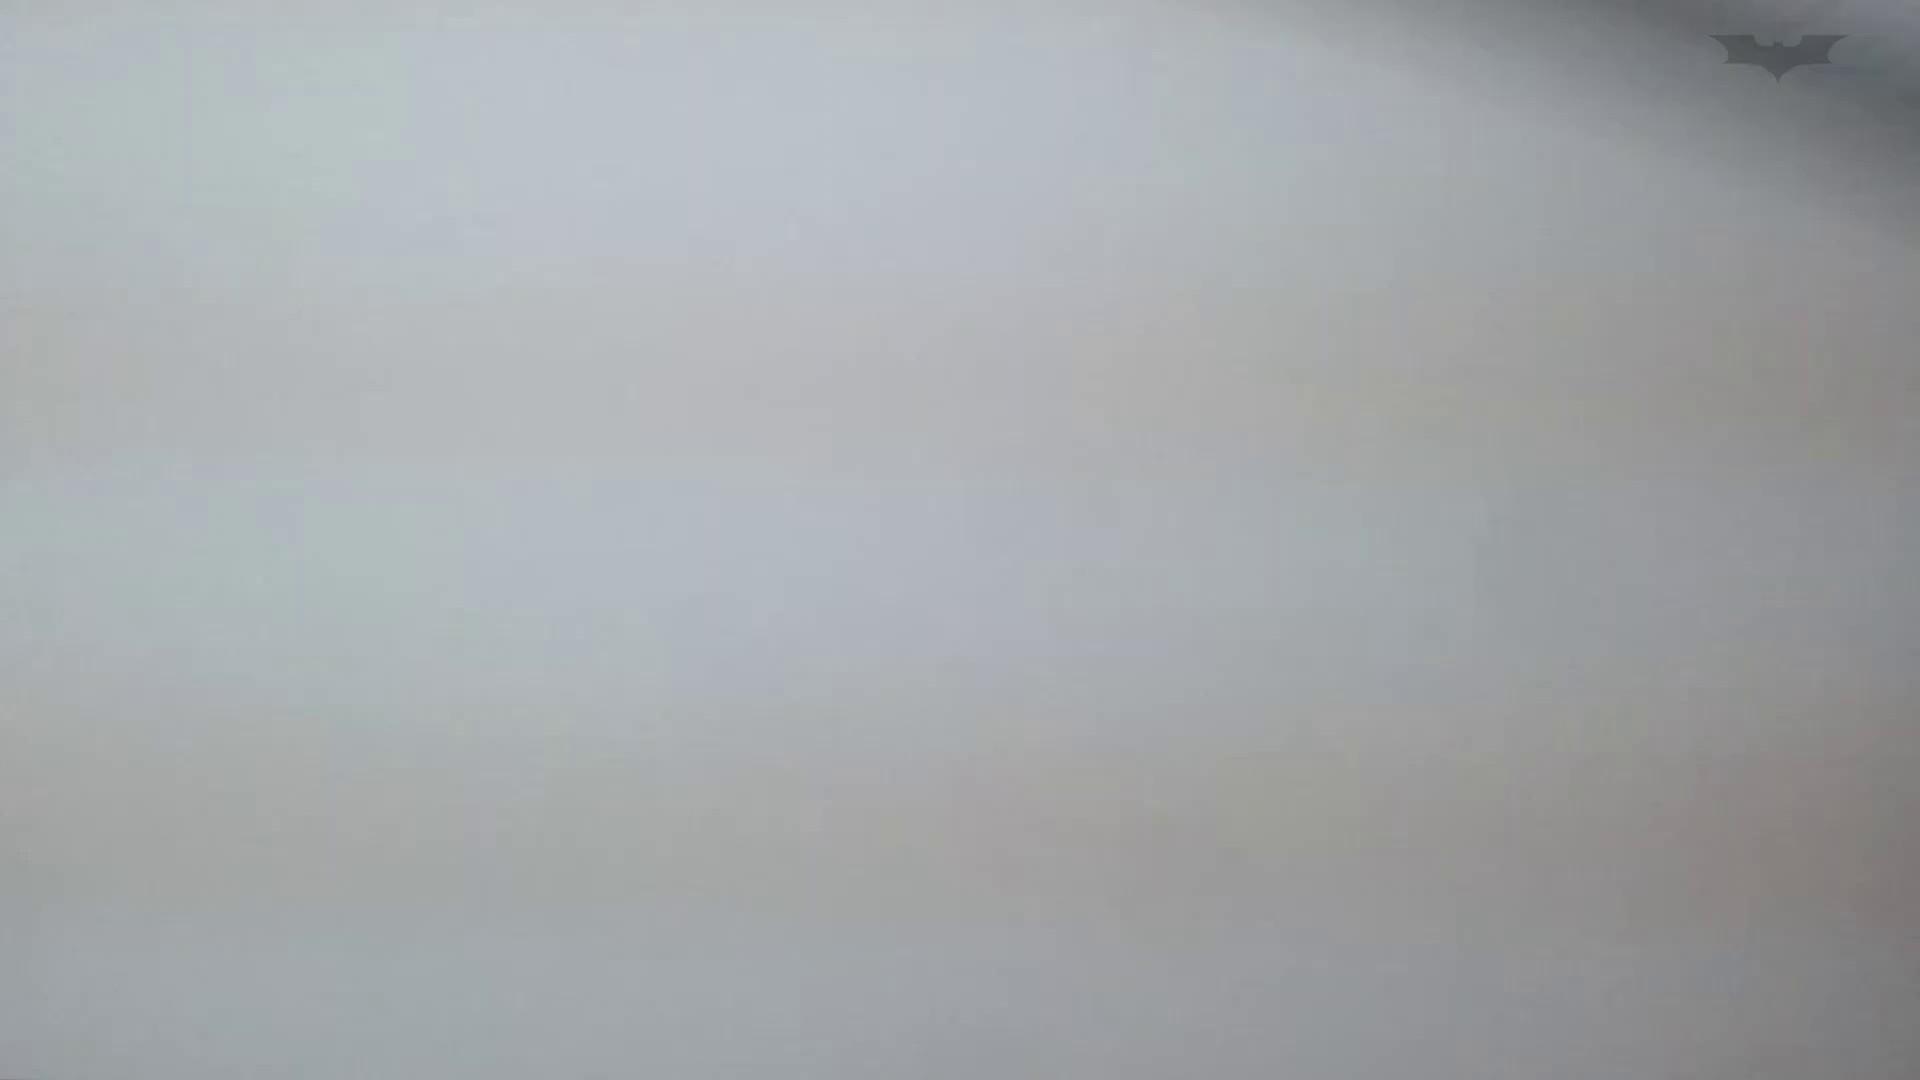 ▲復活限定▲化粧室絵巻 駅舎編 VOL.08 エッチすぎるOL達 | 期間限定  88連発 35